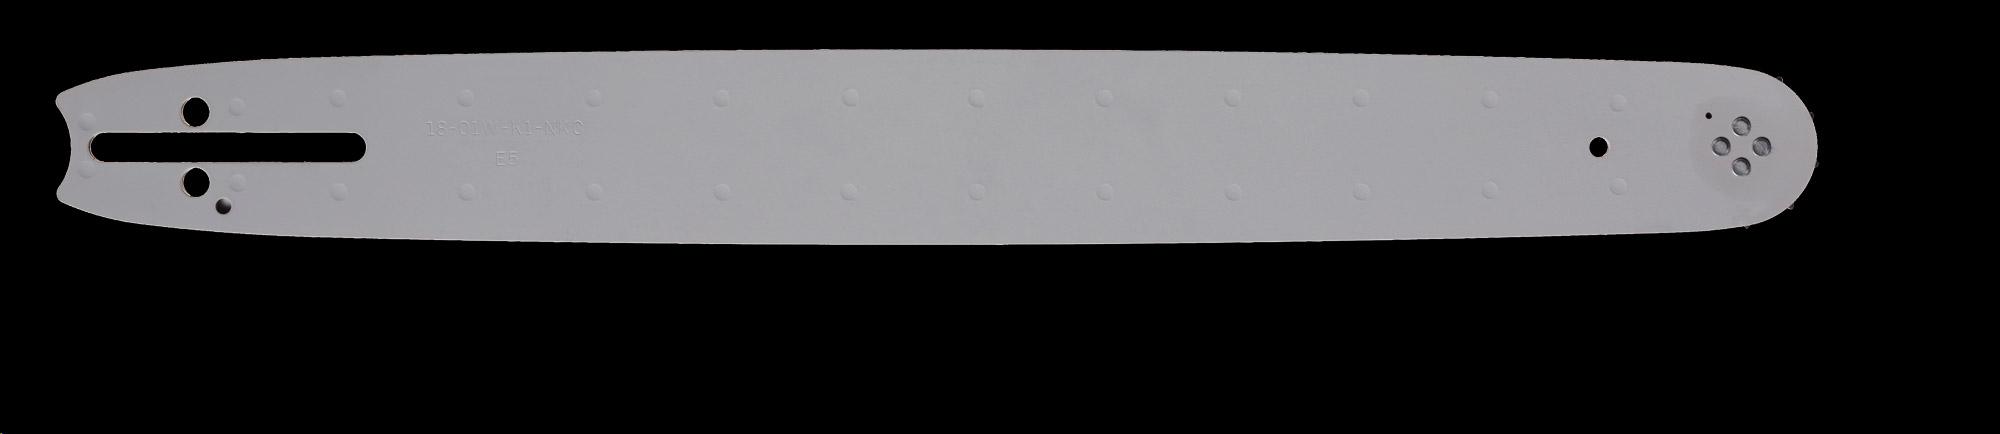 """Schwert BRO036 für McCulloch Kettensäge 40cm/16"""" Bild 1"""